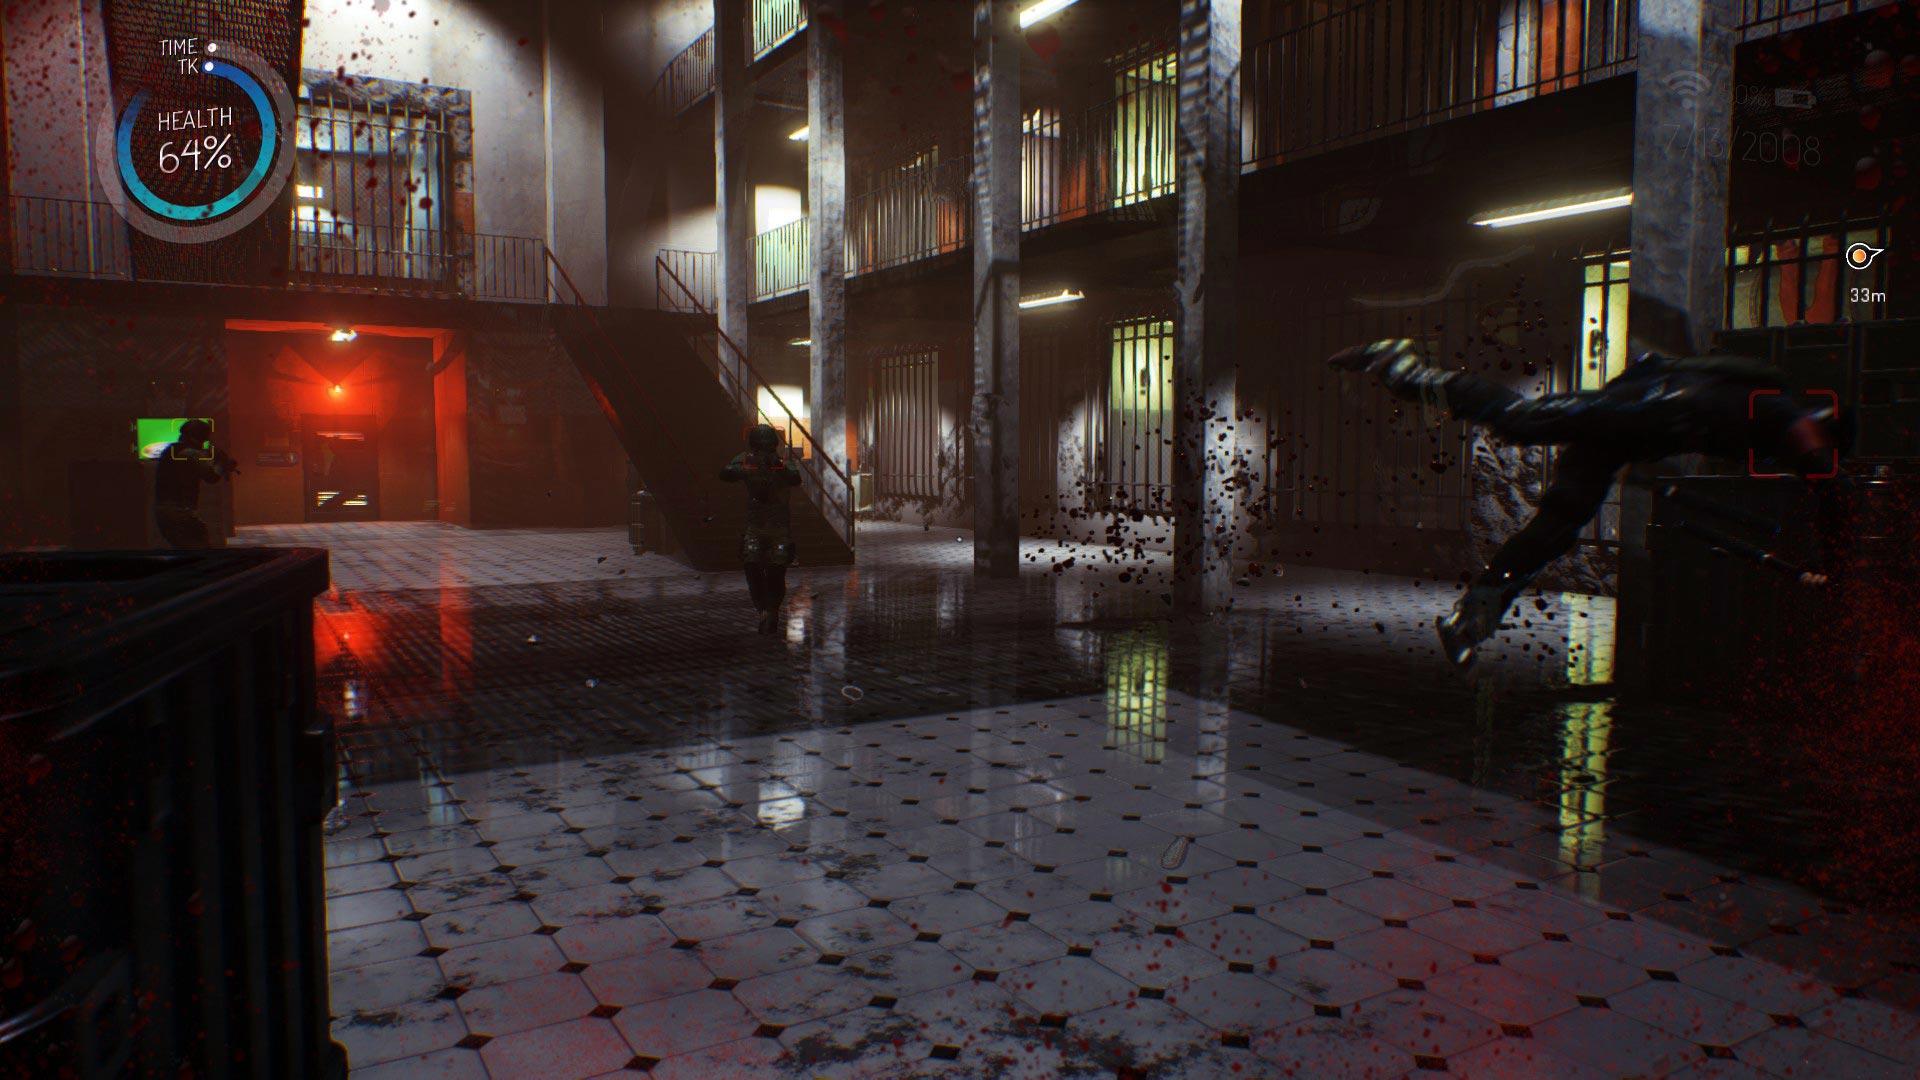 ...超能英雄重生之双子》是一款第一人称冒险游戏将会扩大原本...